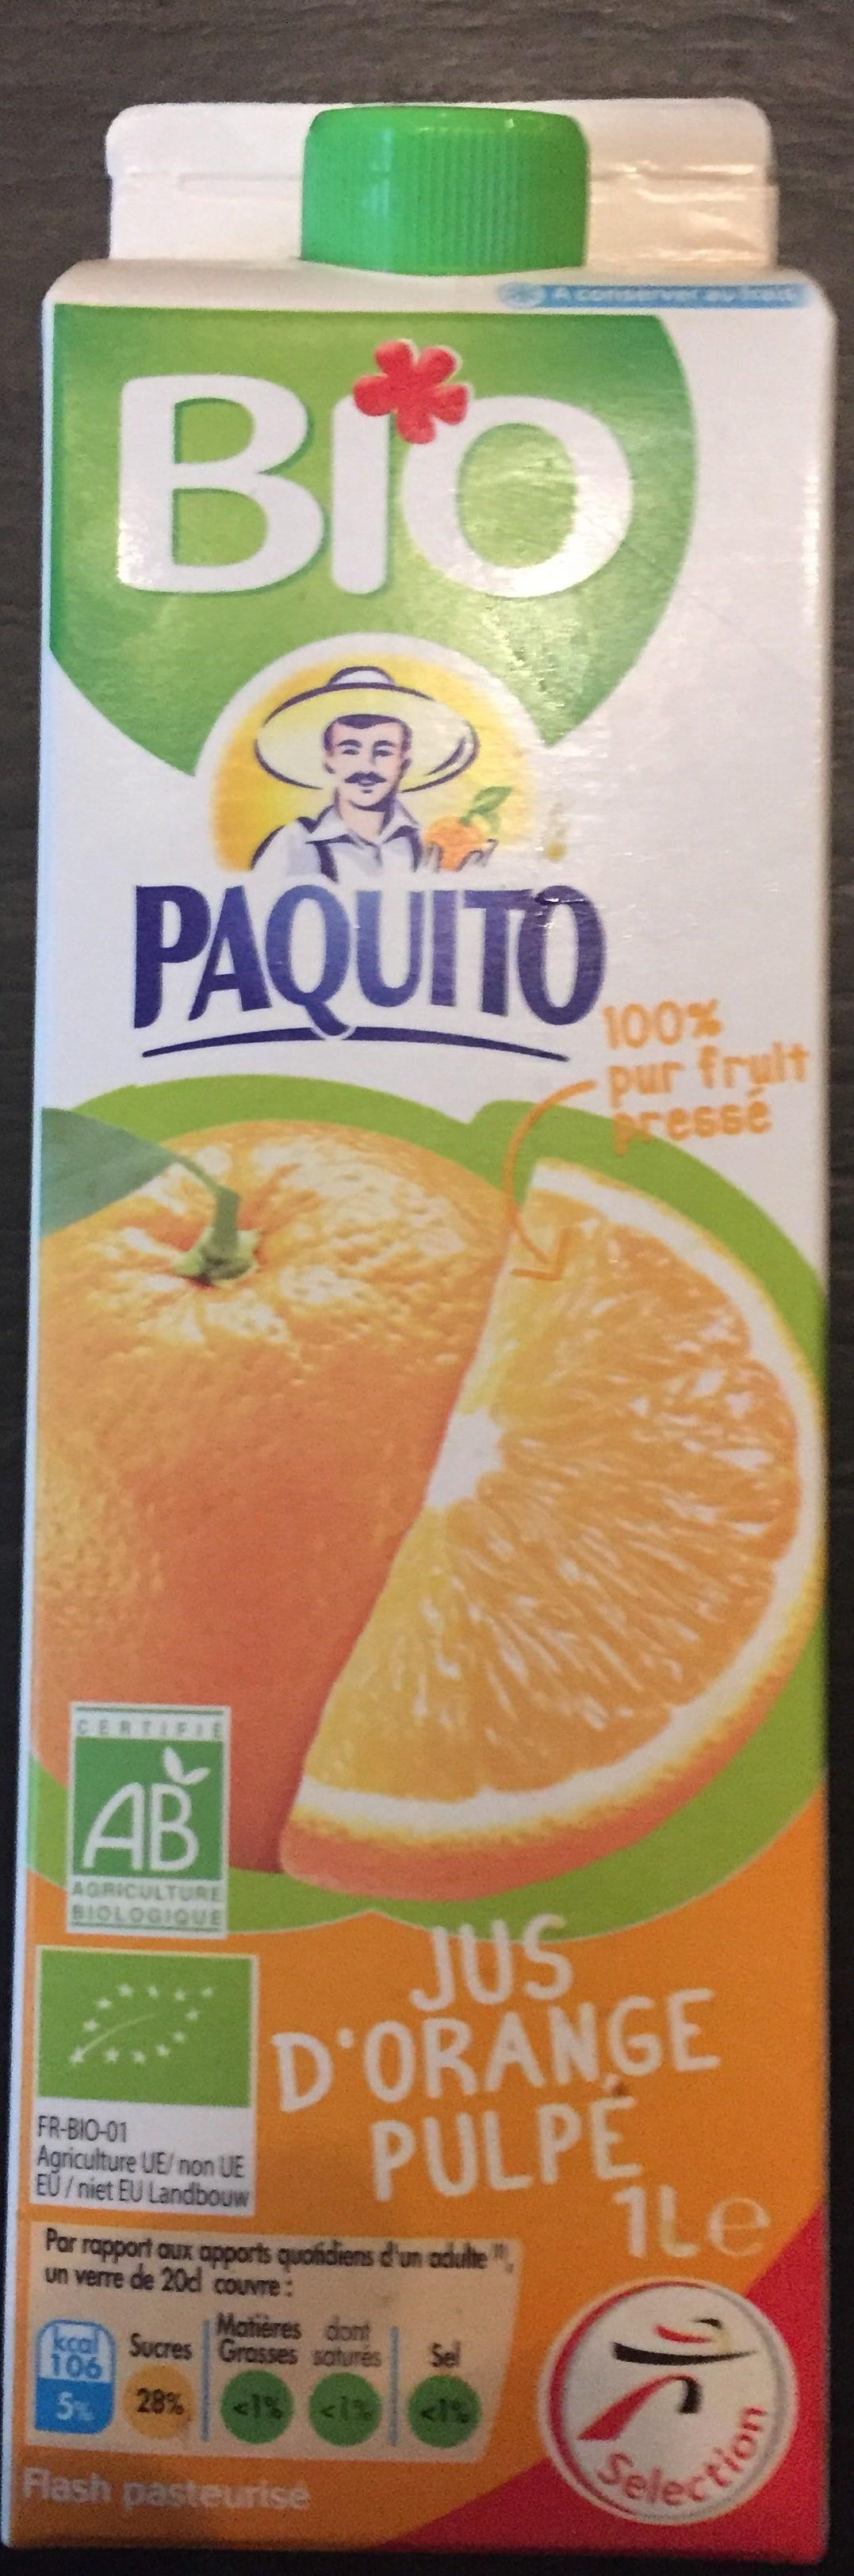 Jus d'orange pulpé - Produit